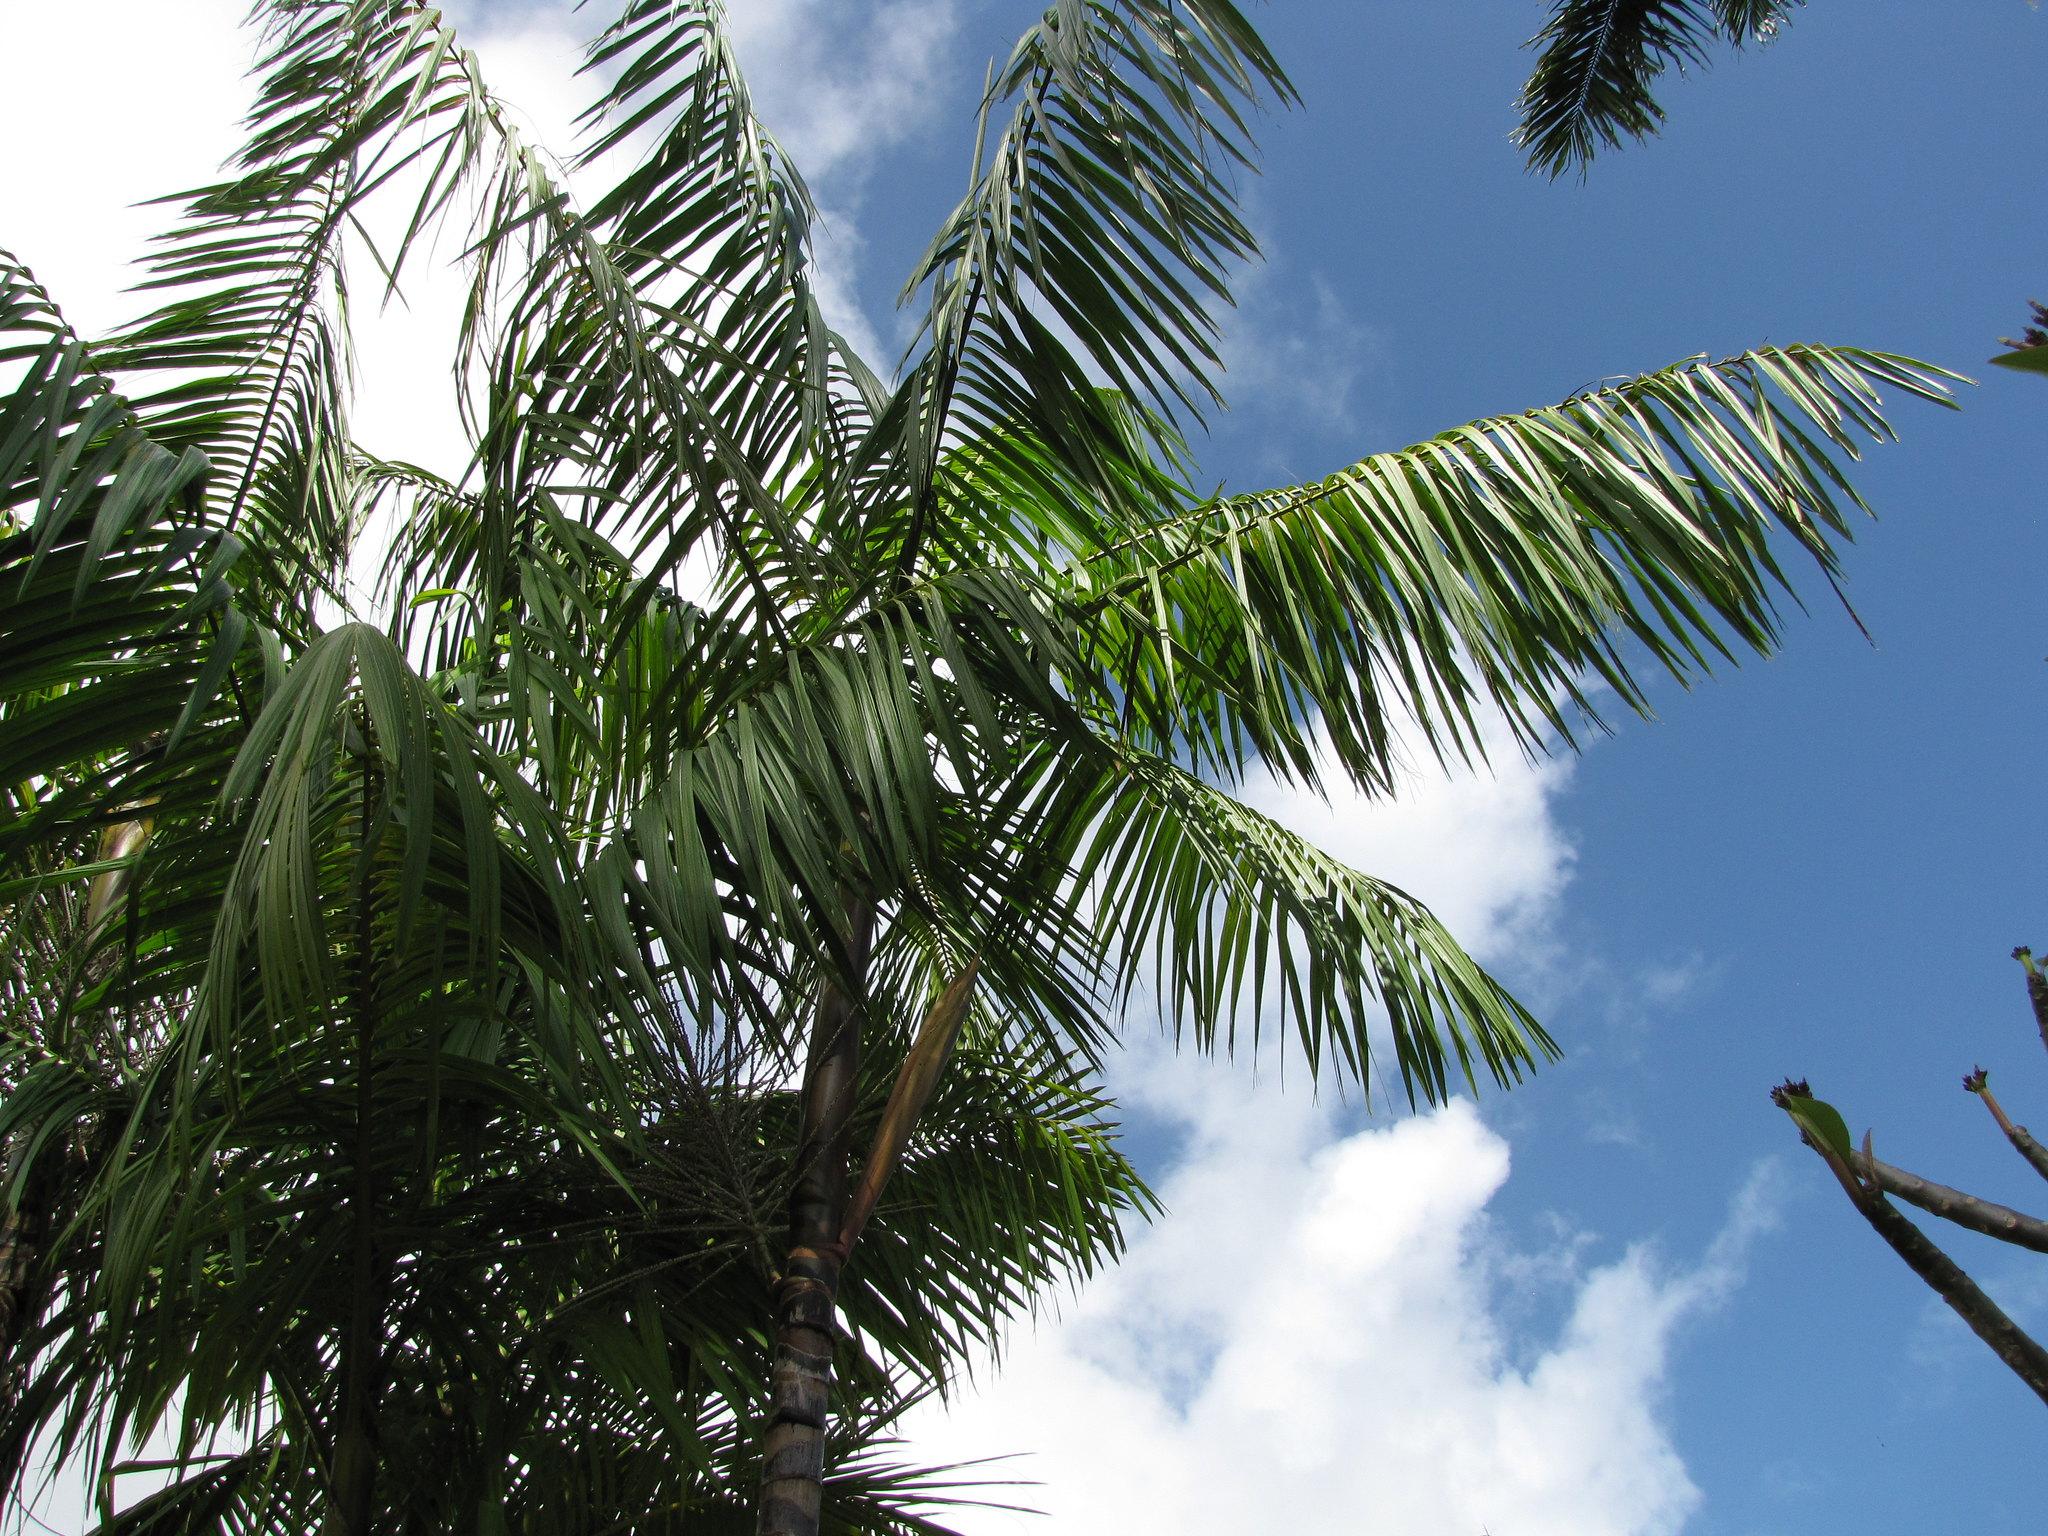 La Euterpe oleracea es una palmera tropical